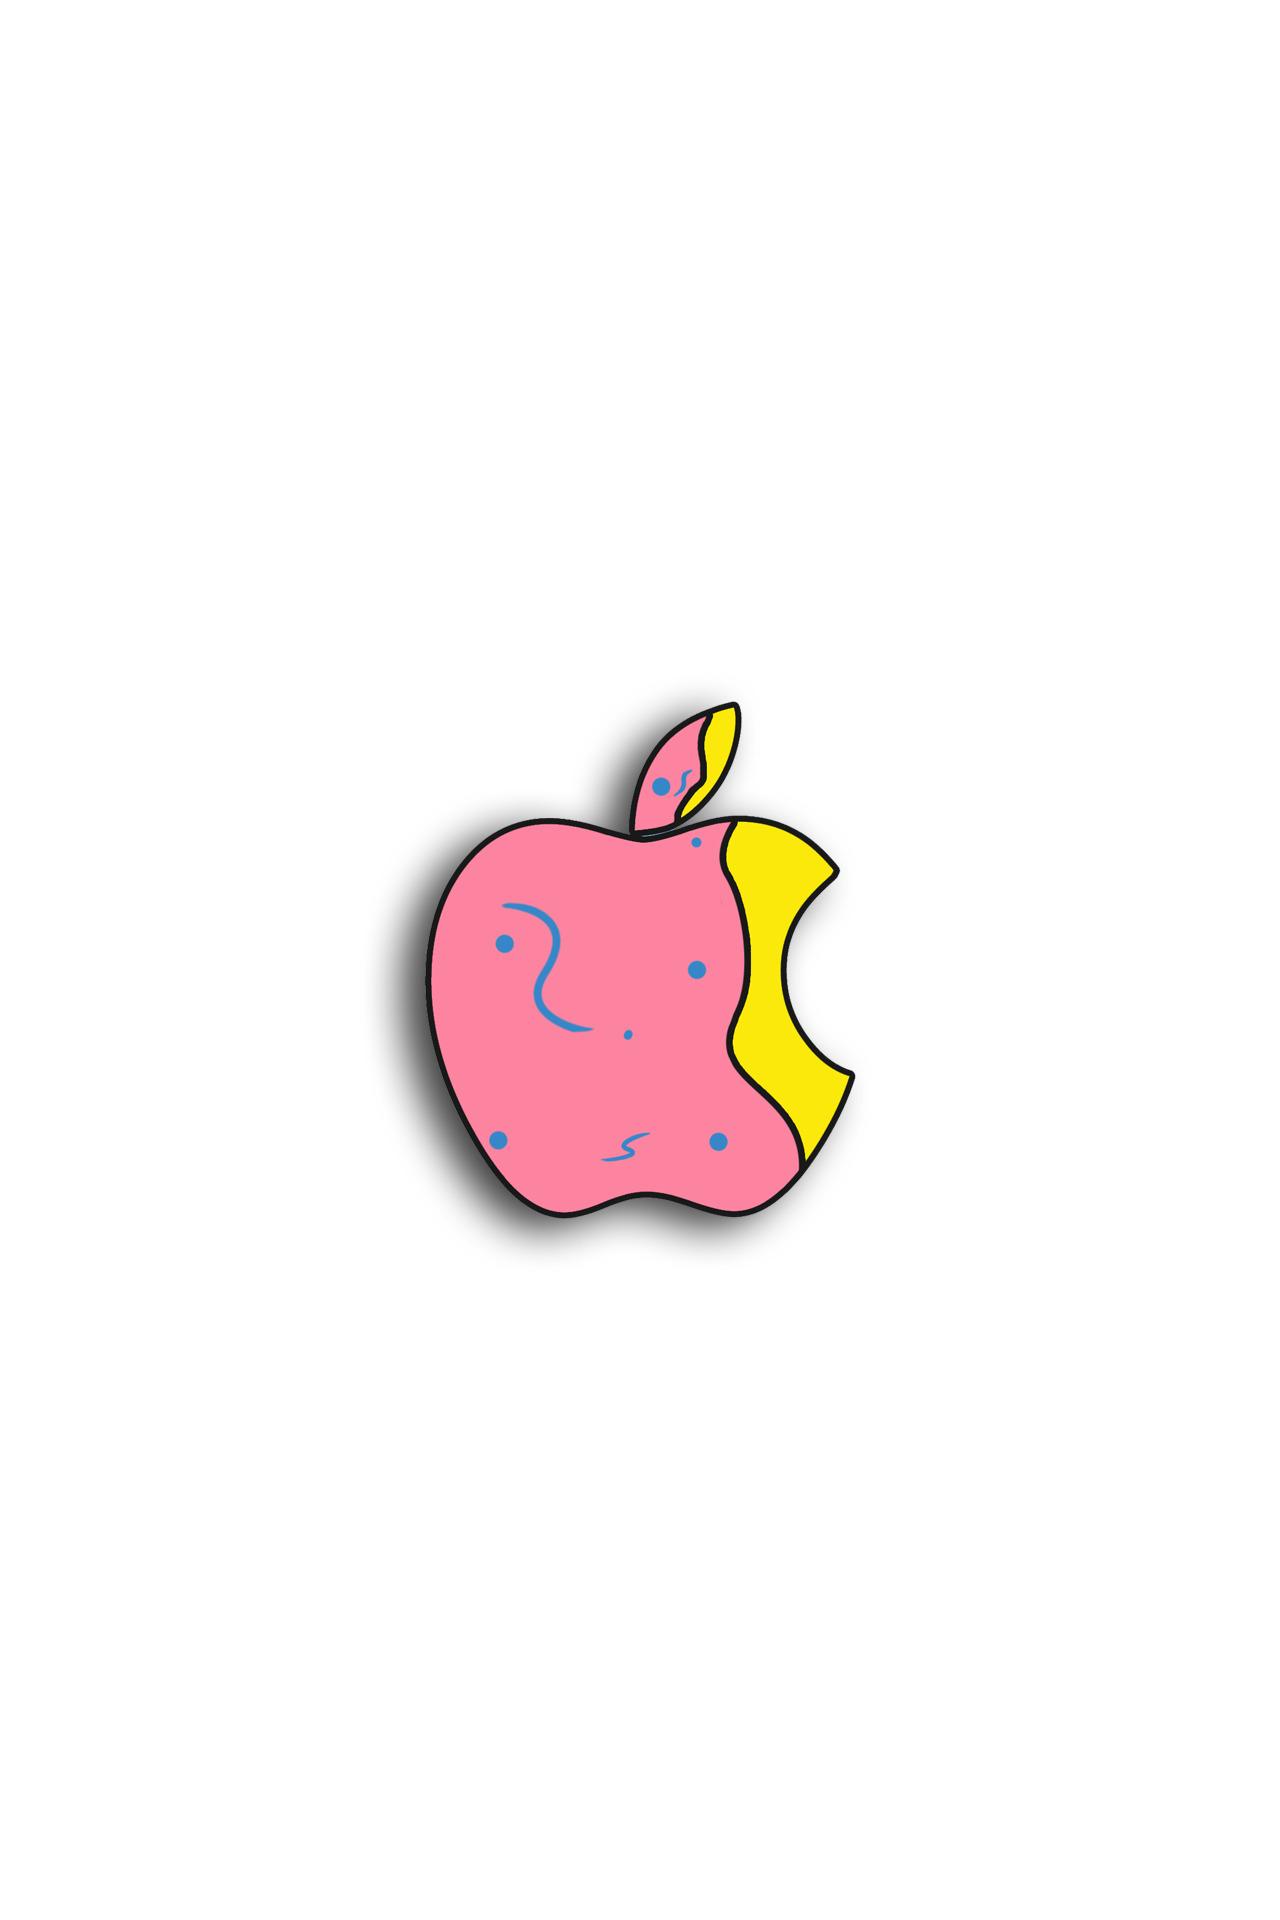 ピンクと黄色のイラスト、アップルロゴ